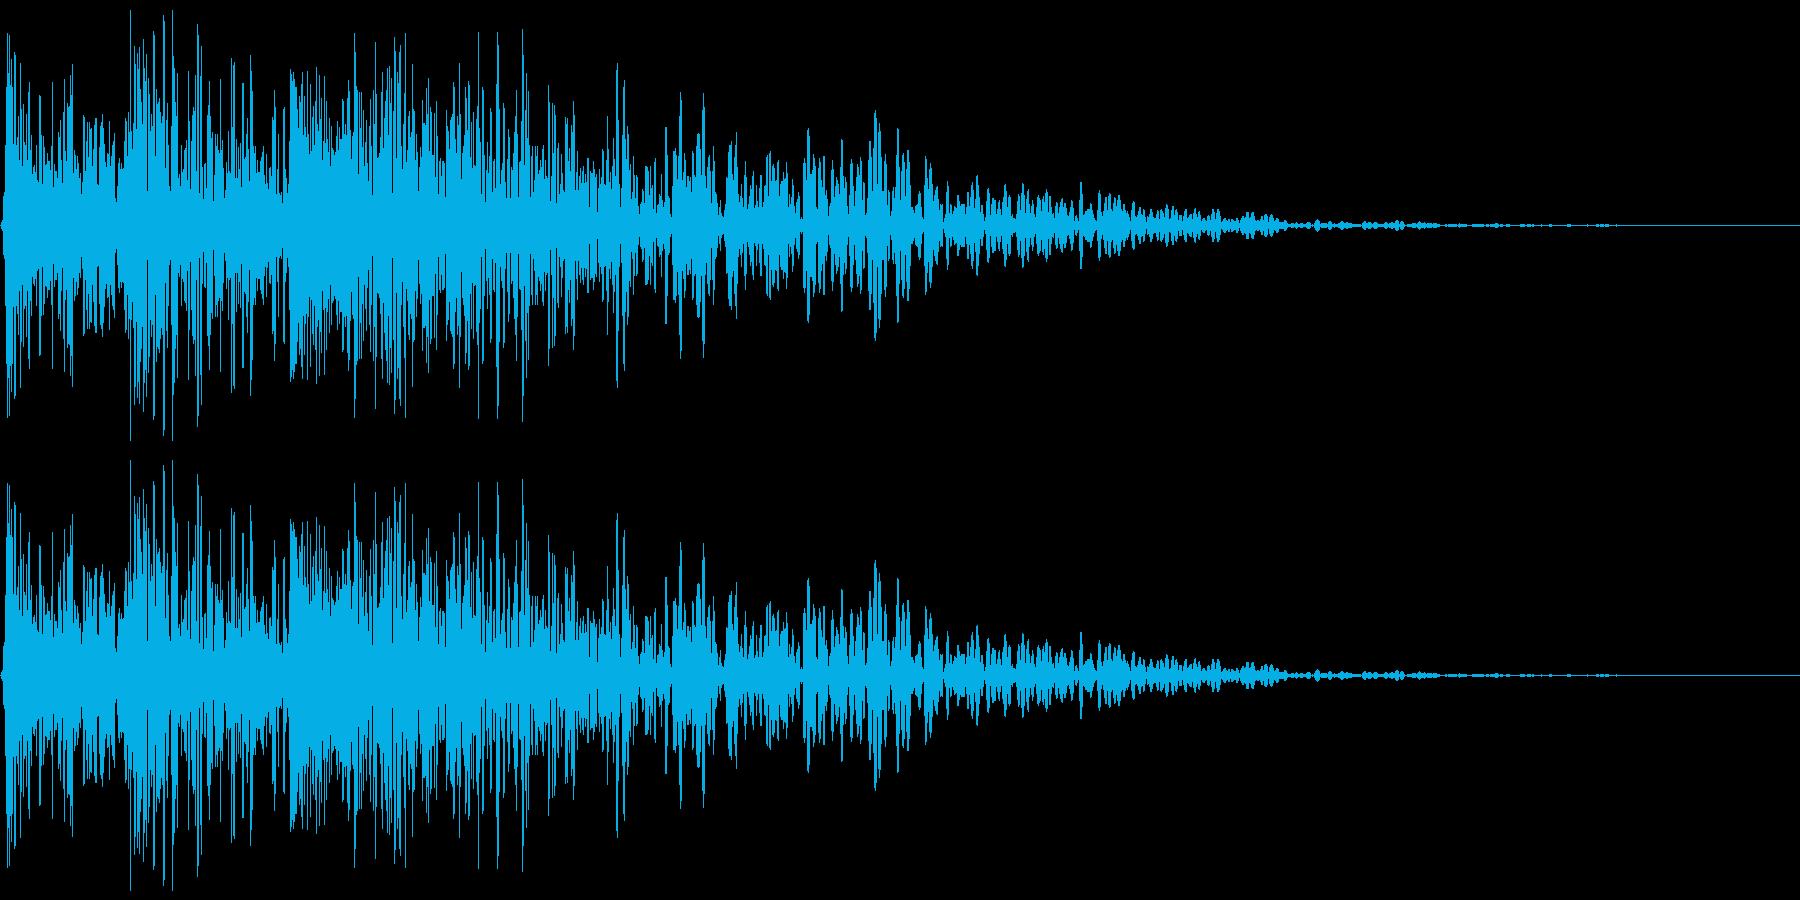 メカ挙動音、衝撃音(ガチャン)の再生済みの波形